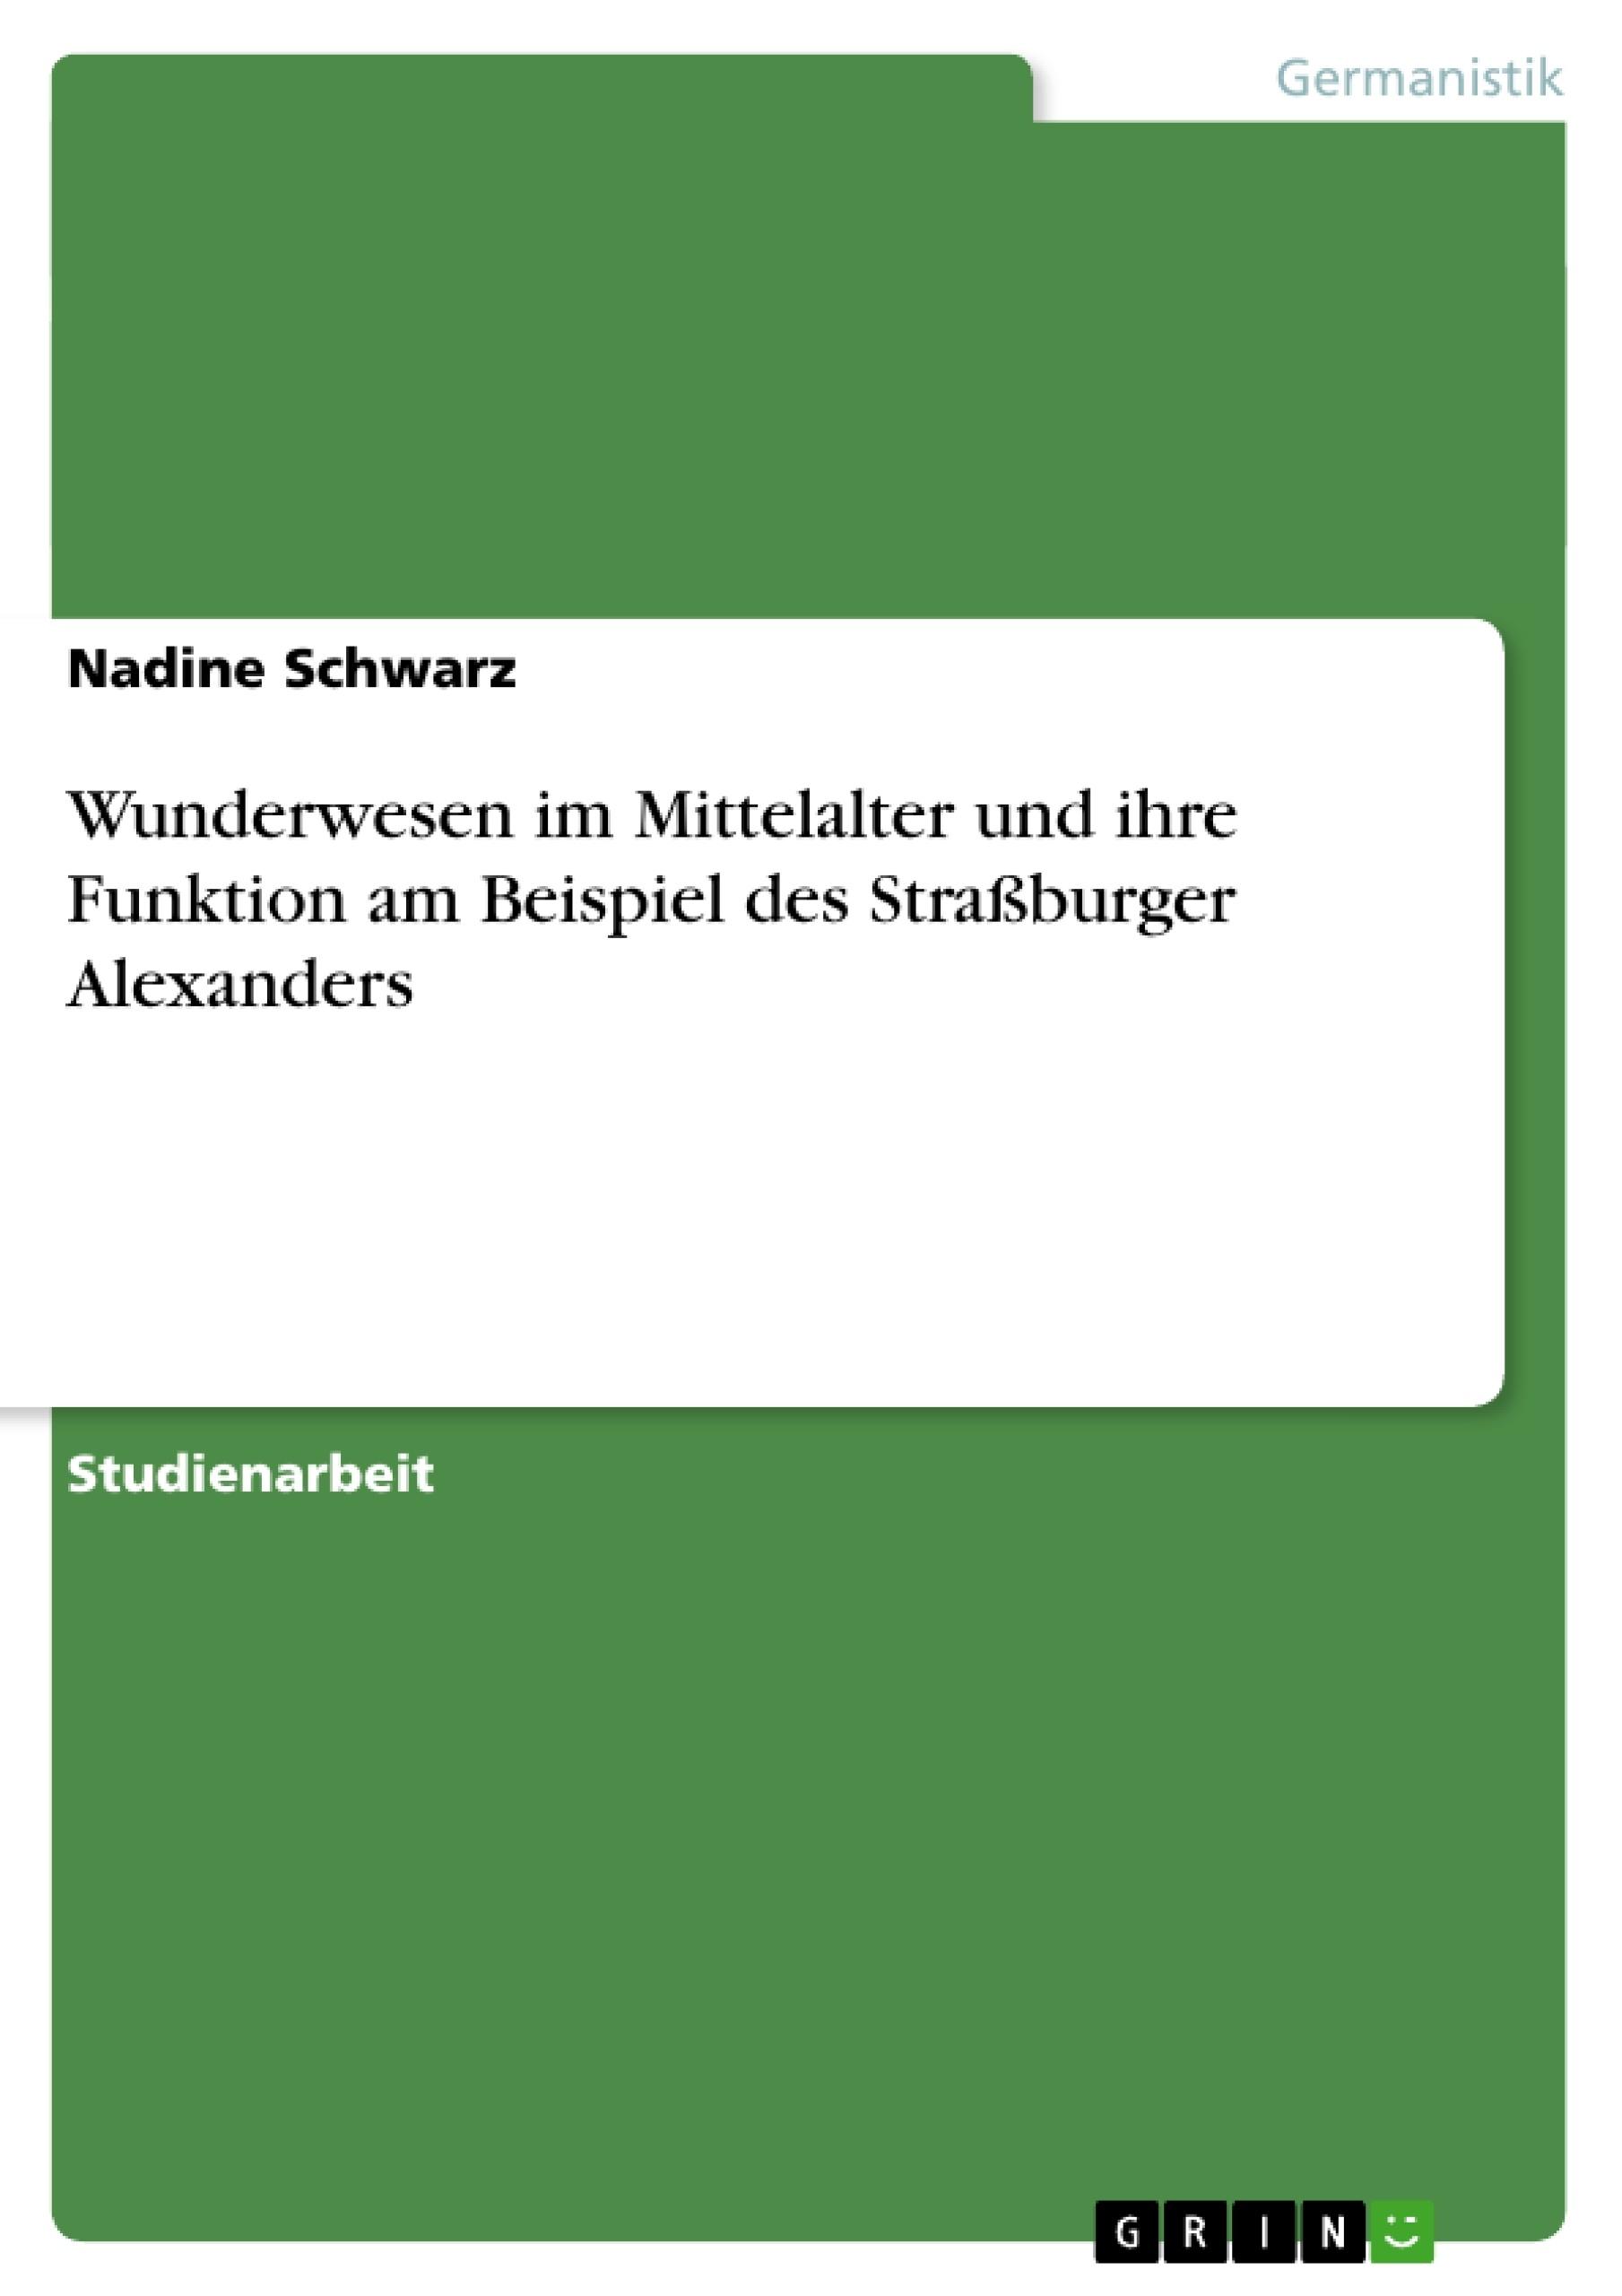 Titel: Wunderwesen im Mittelalter und ihre Funktion am Beispiel des Straßburger Alexanders